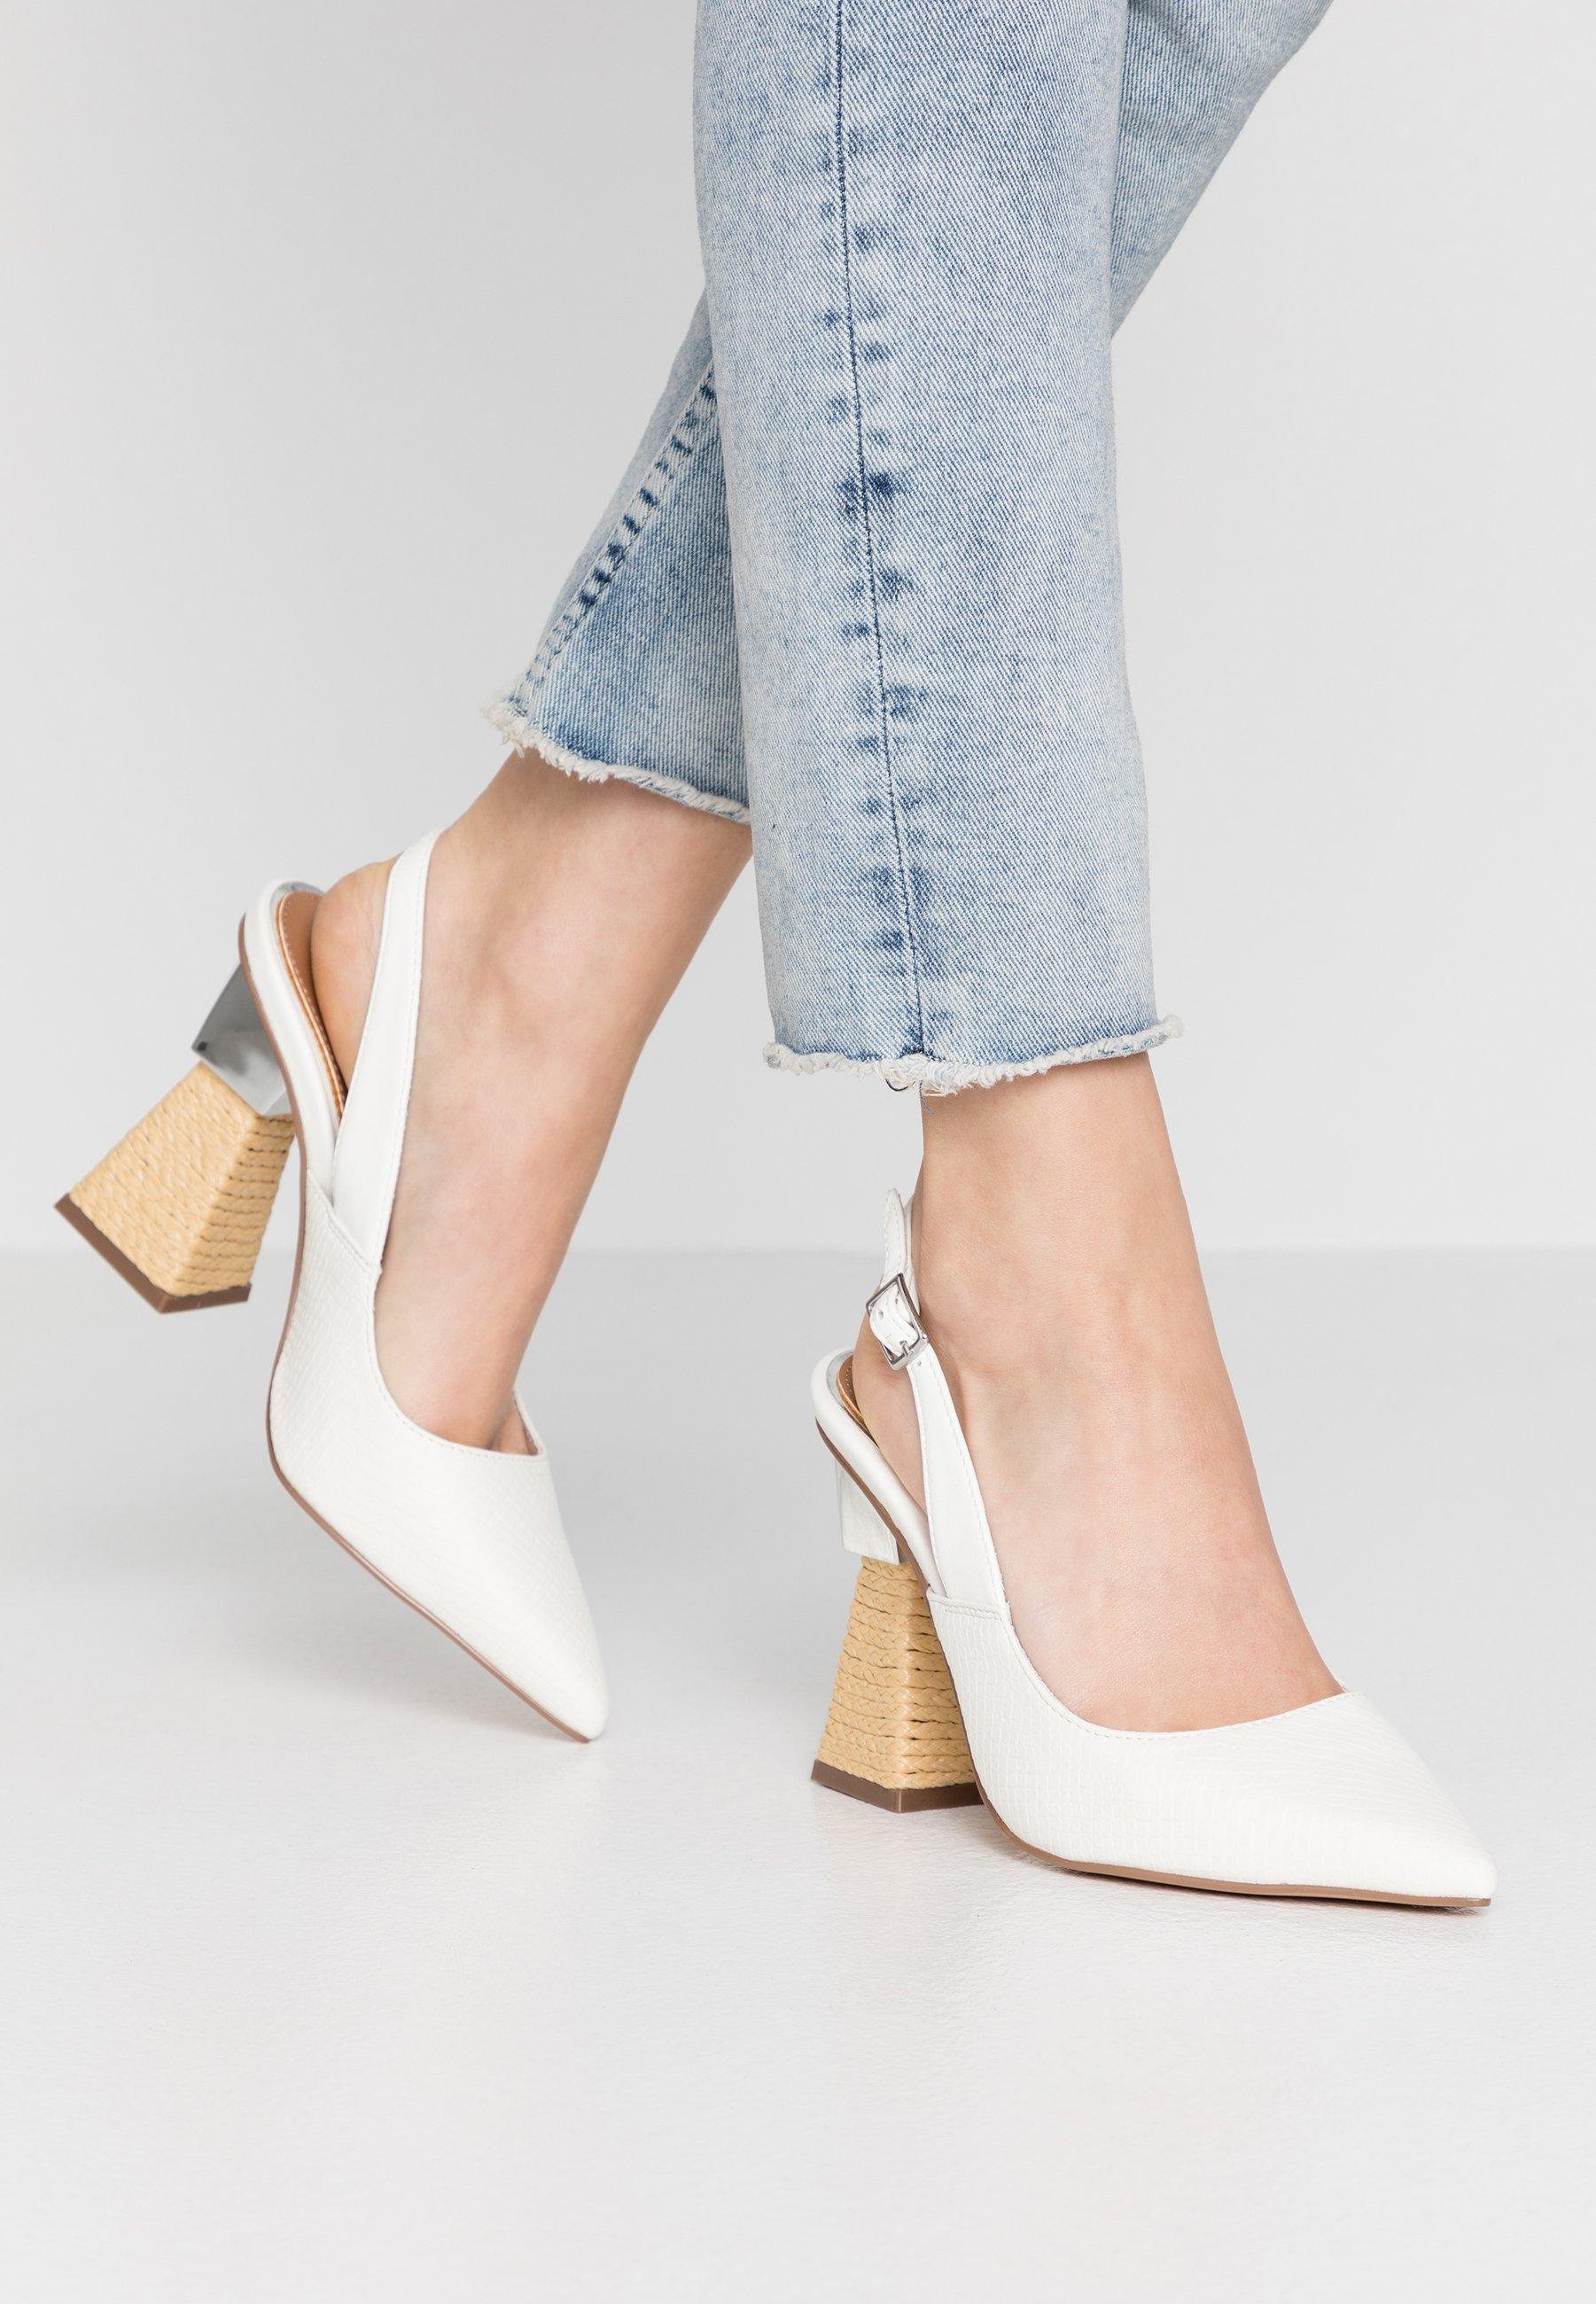 River Island Escarpins à talons hauts - white - Chaussures à talons femme Classique